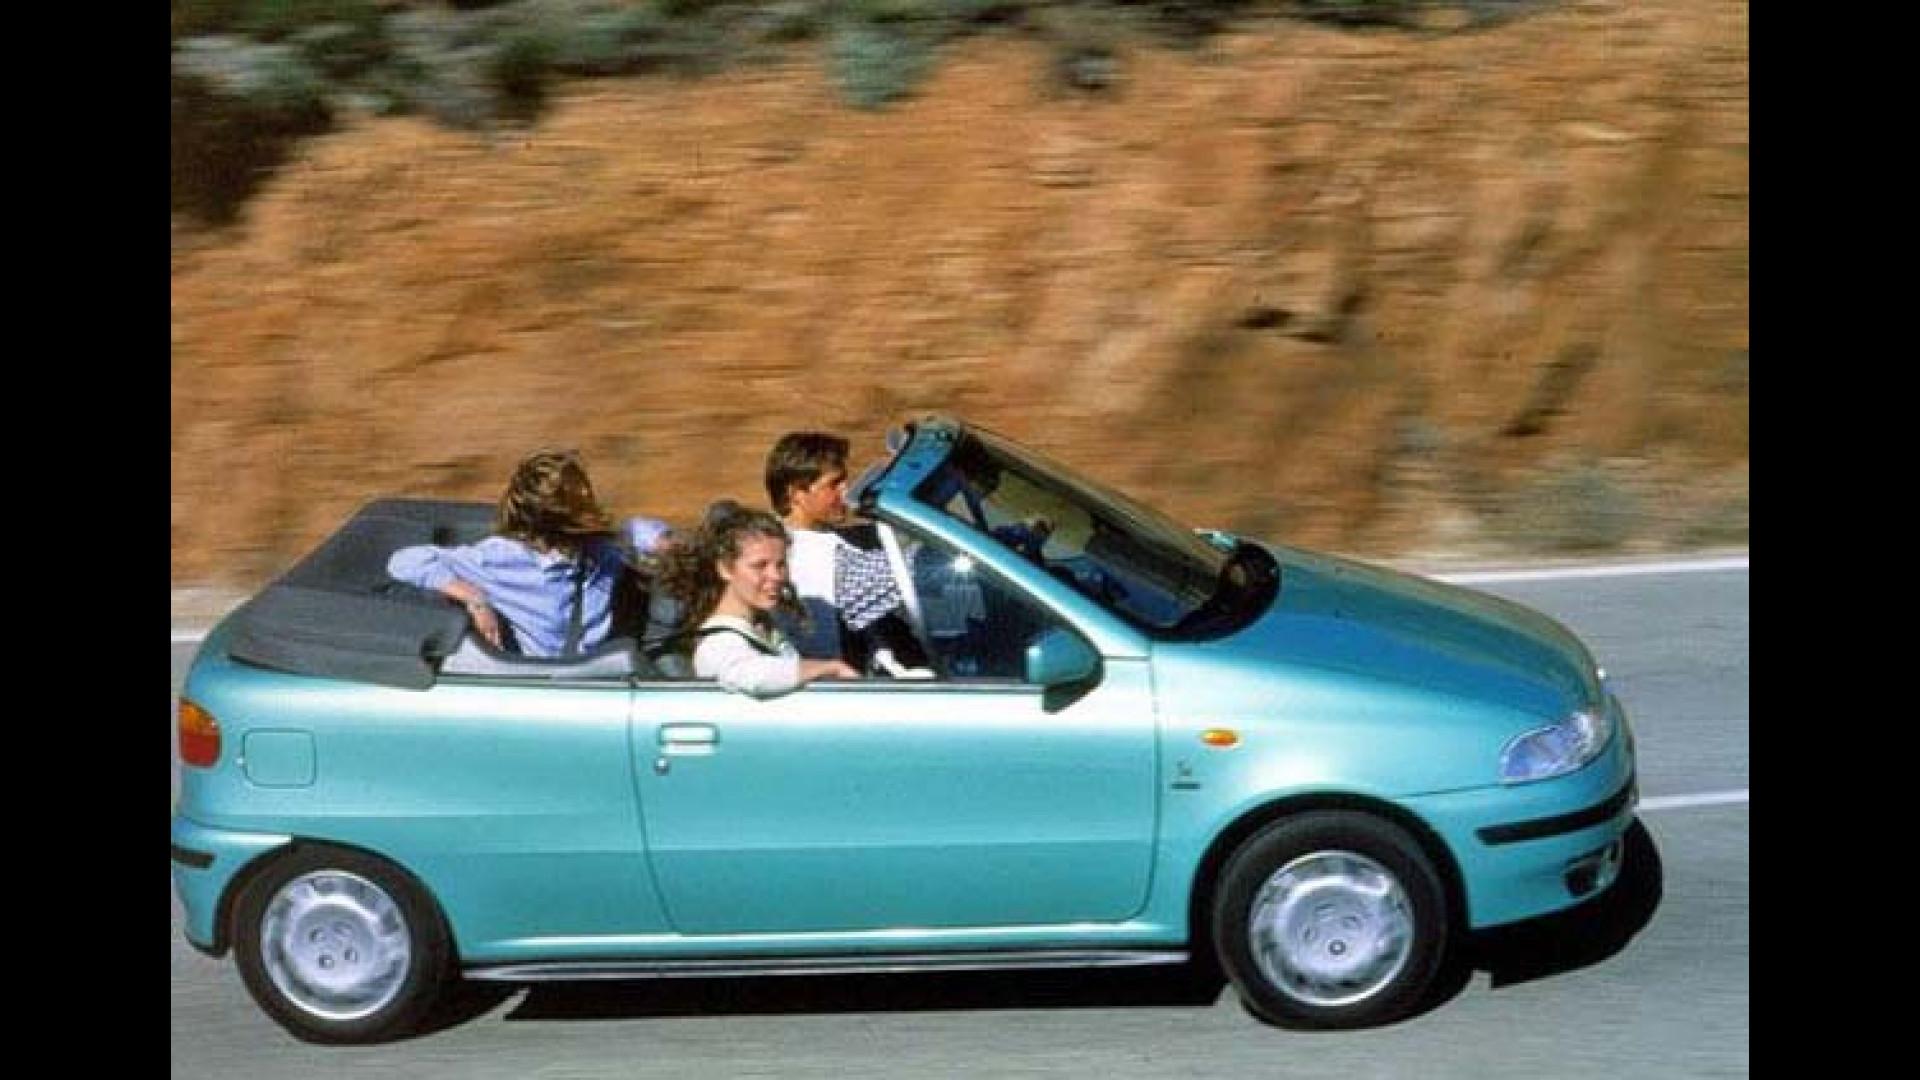 Fiat Punto Prima Serie (1993-1999) on fiat linea, fiat seicento, fiat marea, fiat stilo, fiat multipla, fiat bravo, fiat 500l, fiat spider, fiat cars, fiat 500 abarth, fiat coupe, fiat panda, fiat cinquecento, fiat 500 turbo, fiat barchetta, fiat doblo, fiat ritmo, fiat x1/9,